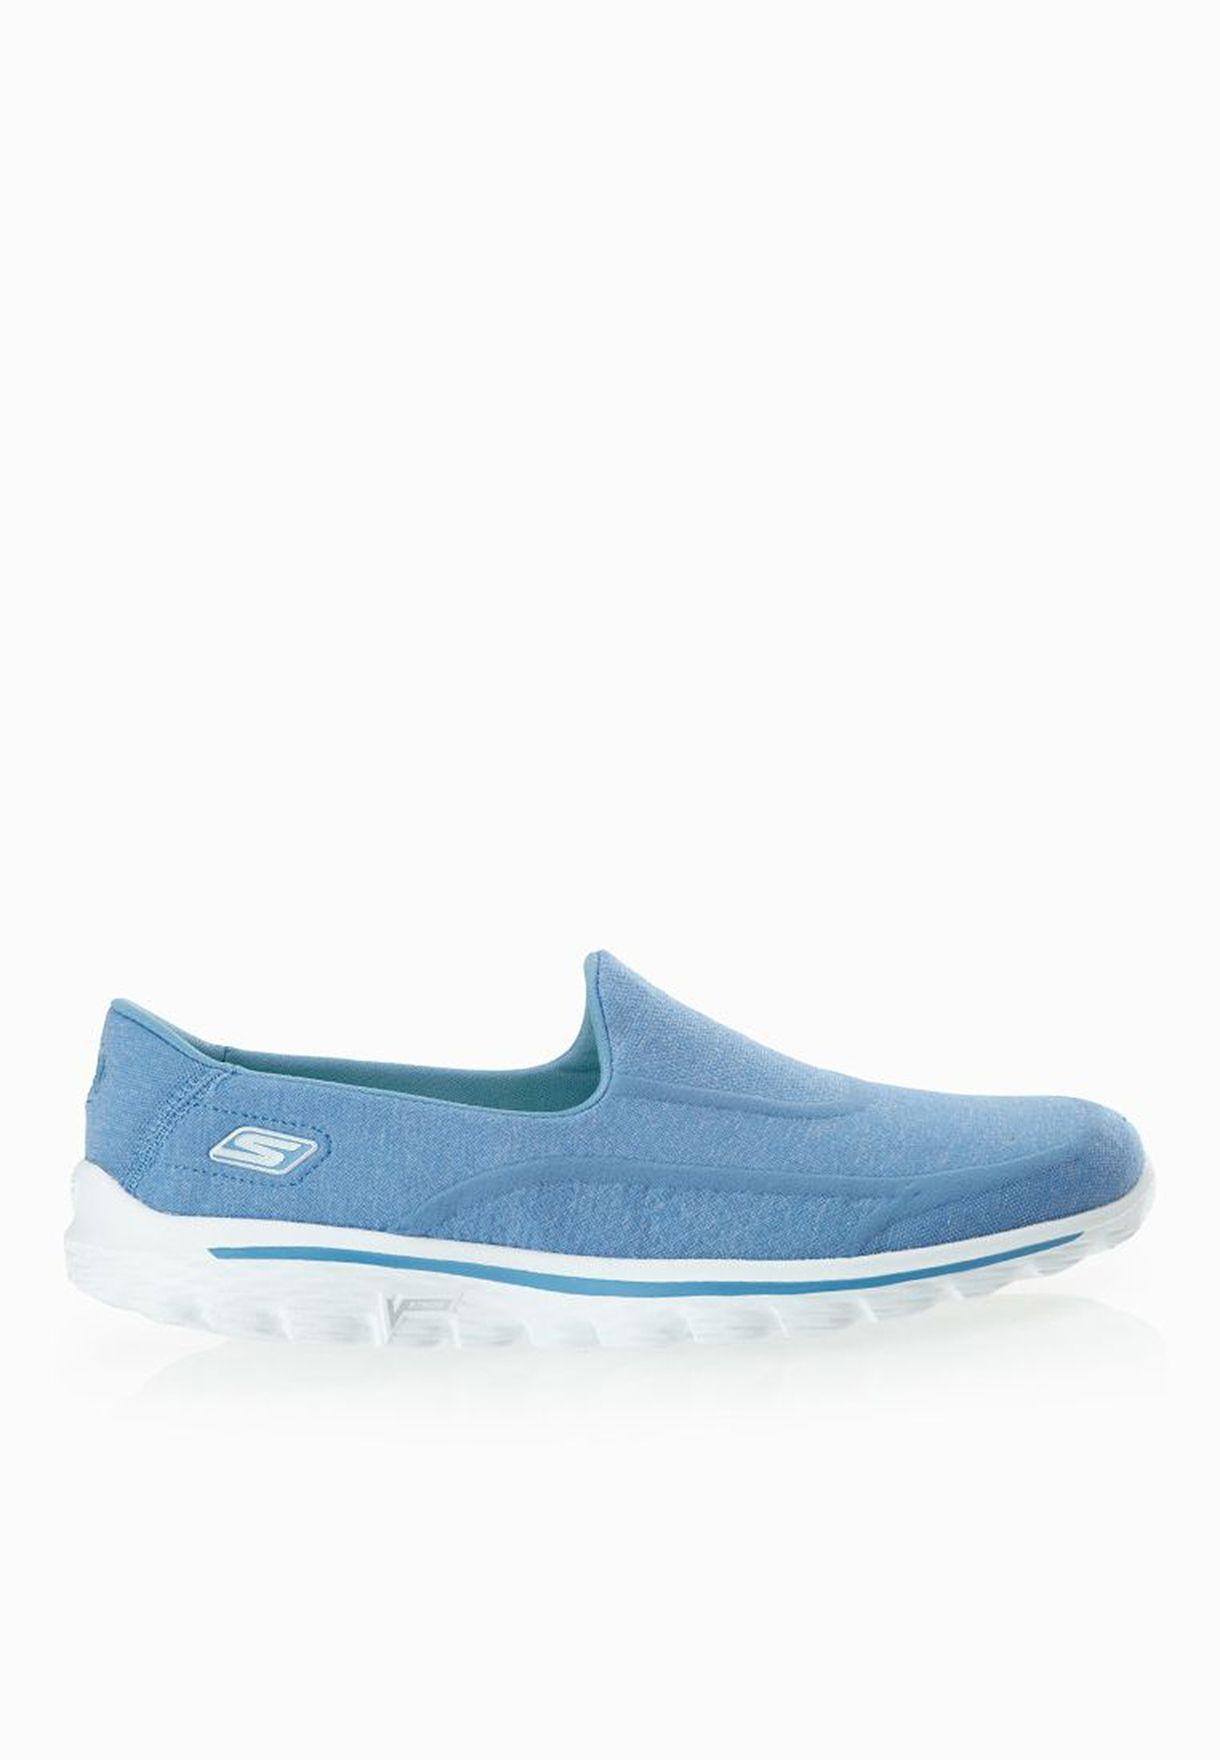 Go Walk 2 Super Sock Comfort Shoes